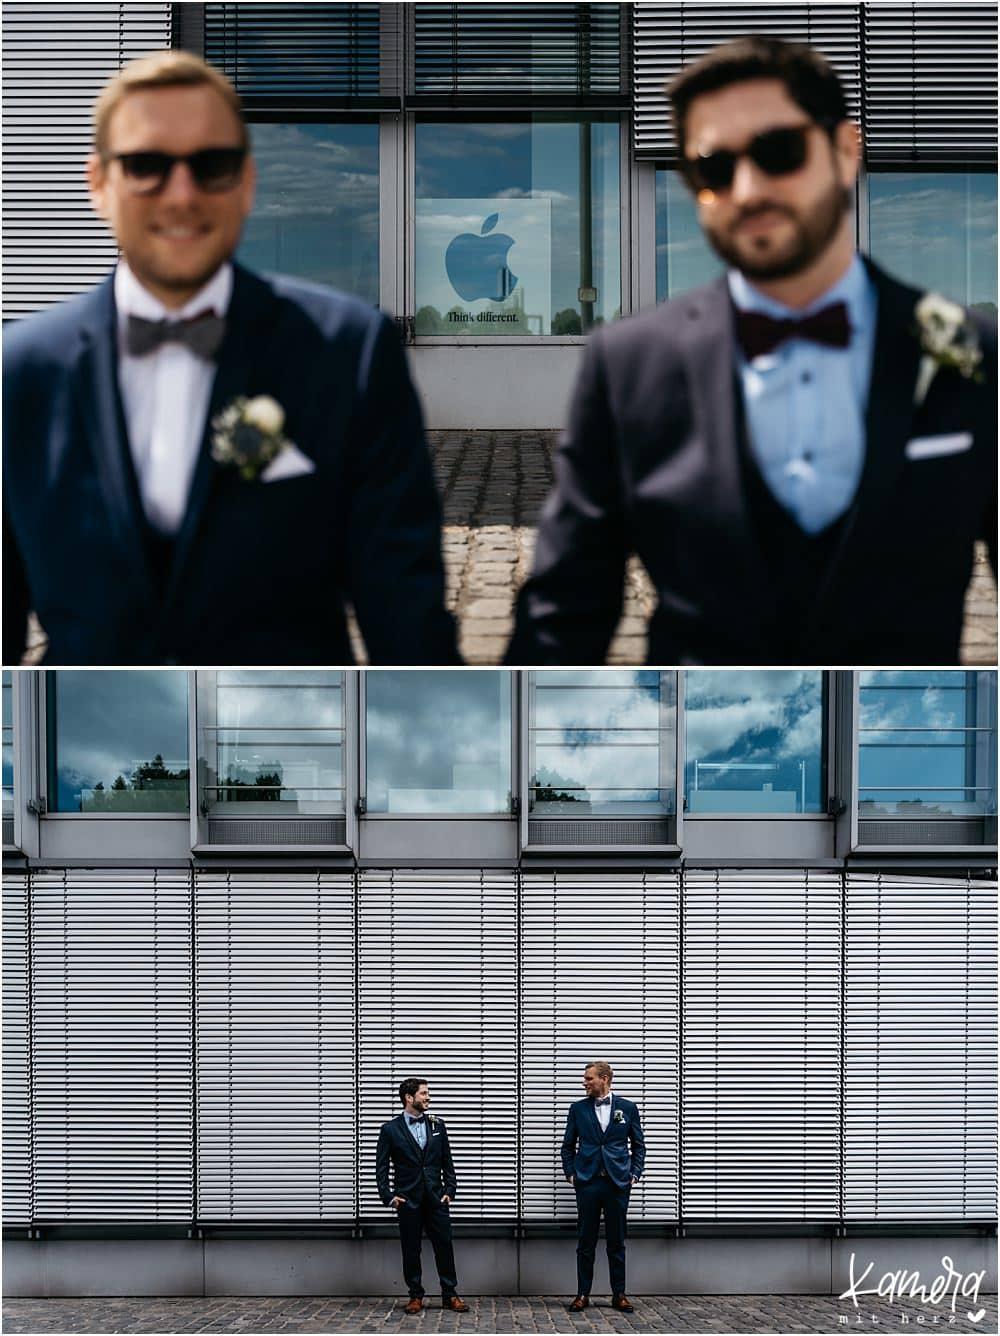 Gleichgeschlechtliche Ehe für alle